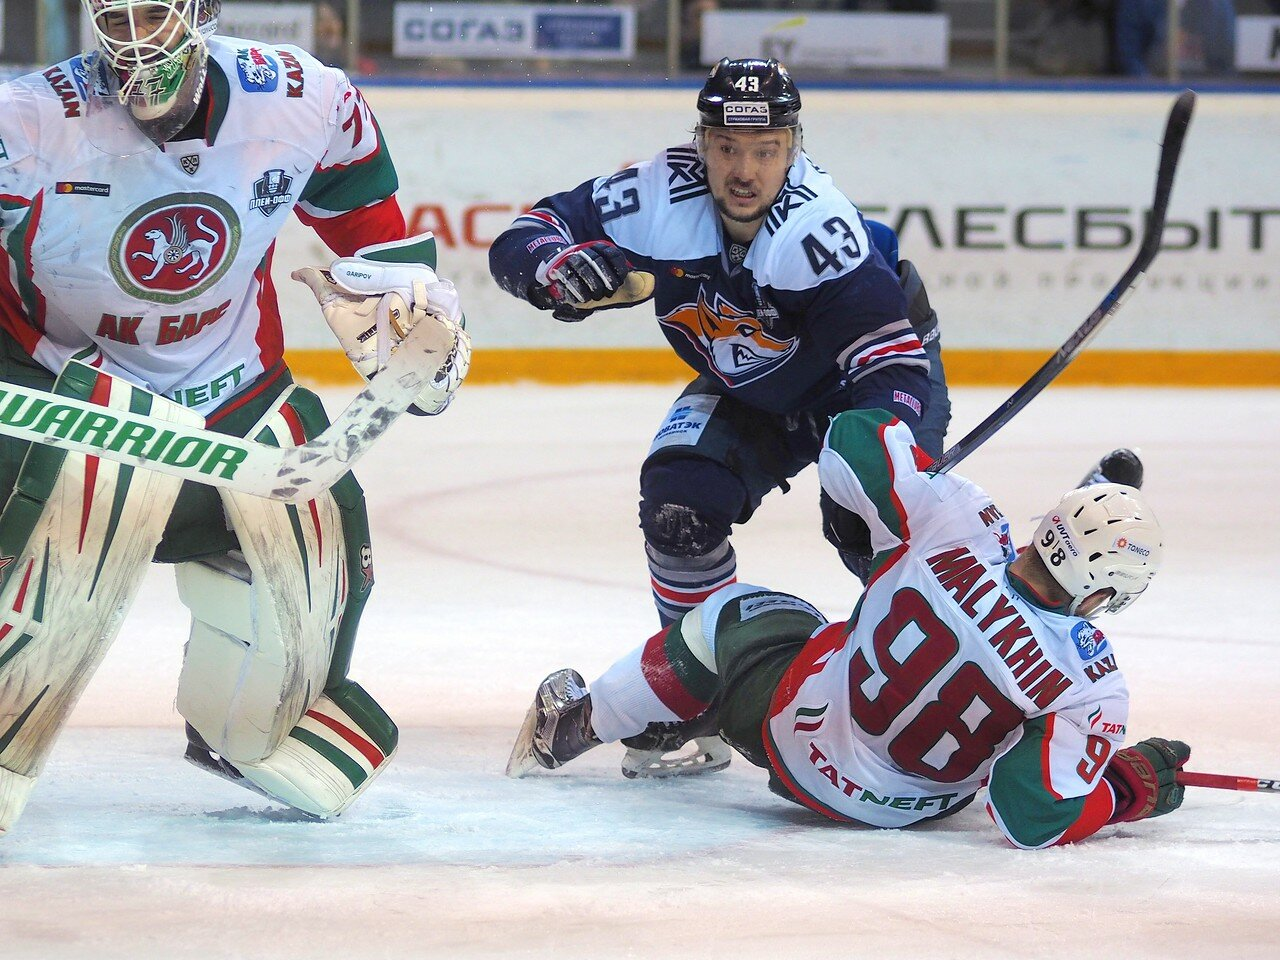 104 Первая игра финала плей-офф восточной конференции 2017 Металлург - АкБарс 24.03.2017